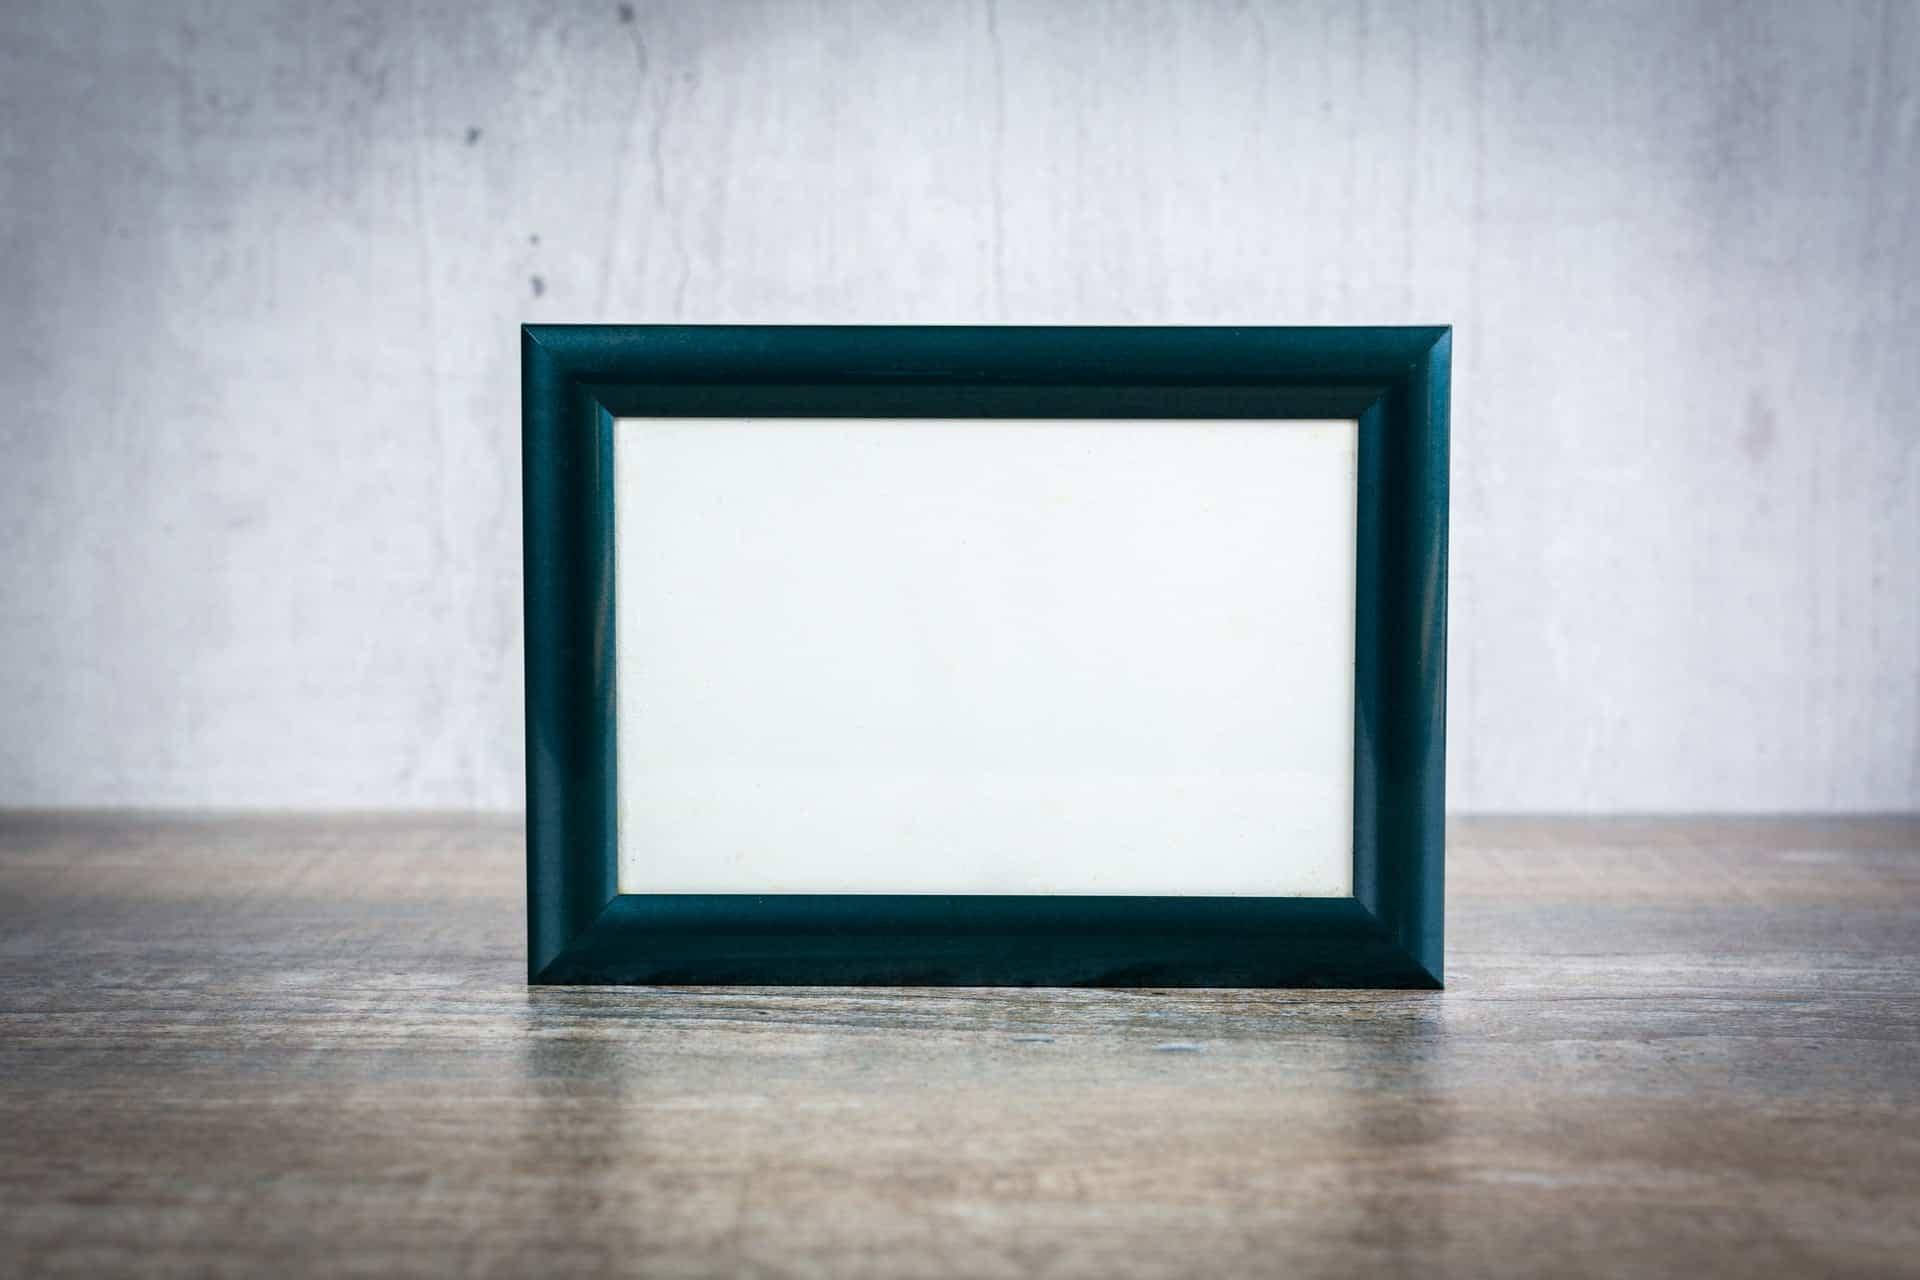 15-inch digital photo frame